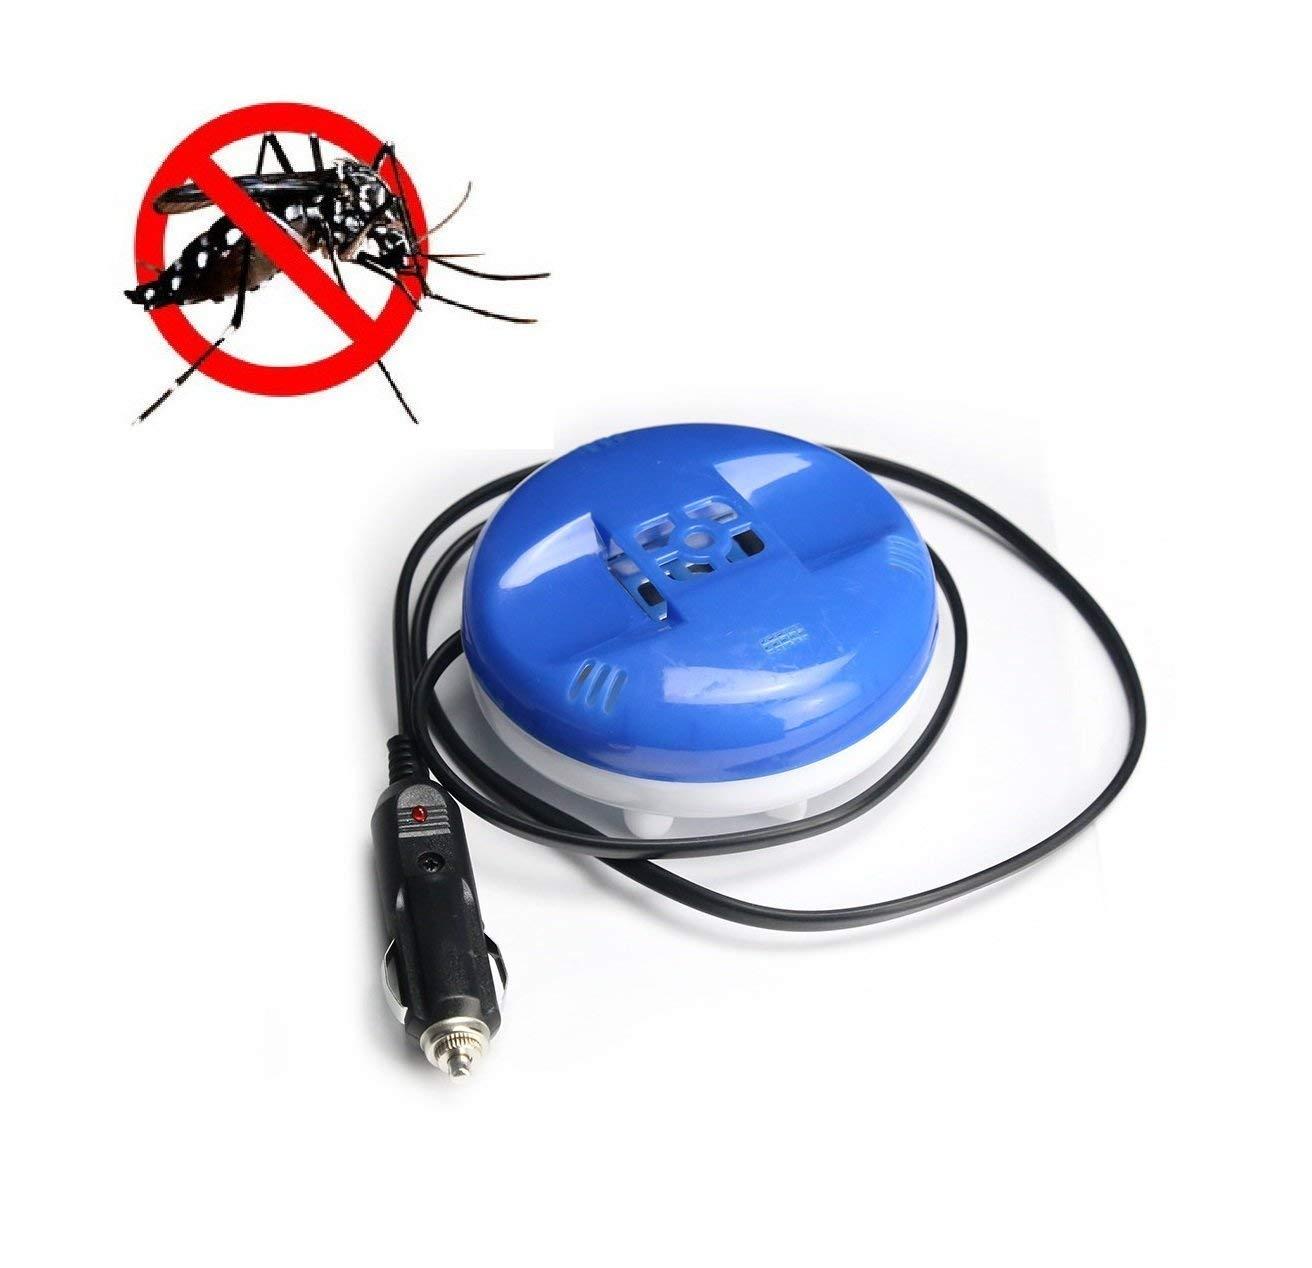 Repellente Elettrico per Insetti Dispositivo Repellente per Prese accendisigari con Cavo Flessibile zanzare e Insetti 12 V BEEAUTO Tablet Non Inclusi